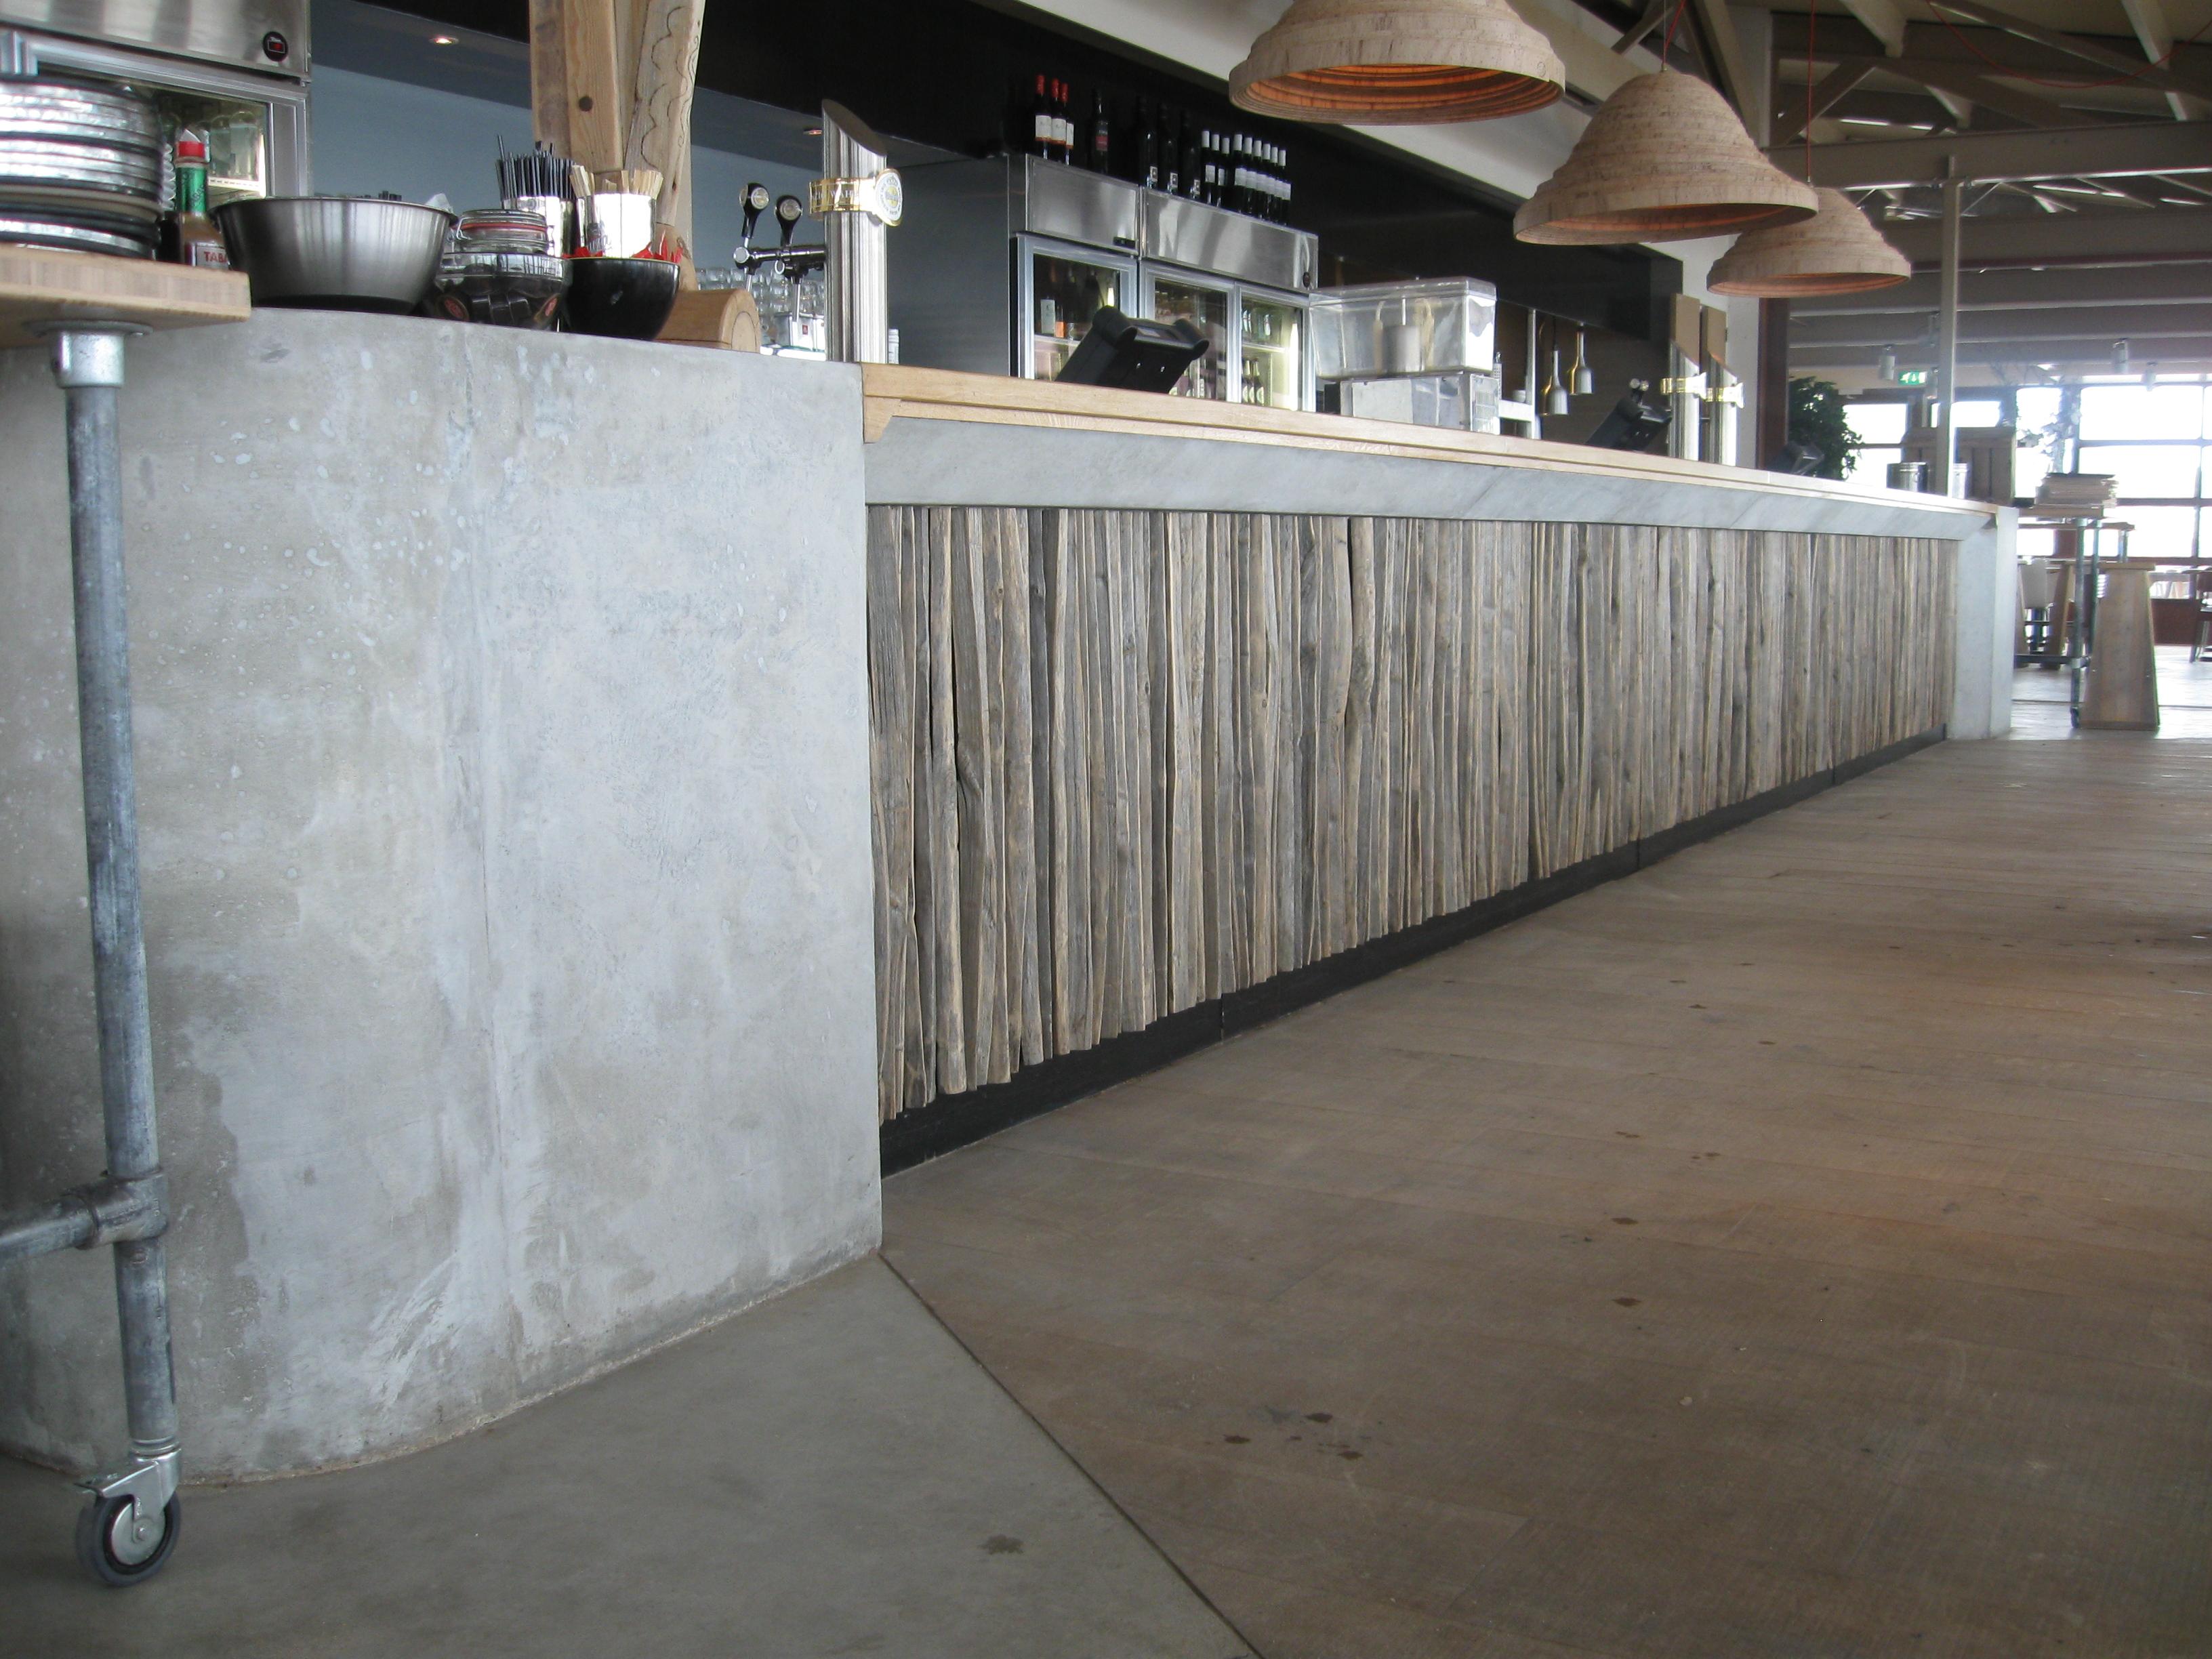 Maarten zwartjes terrazzo concrete - Betonlook wand ...